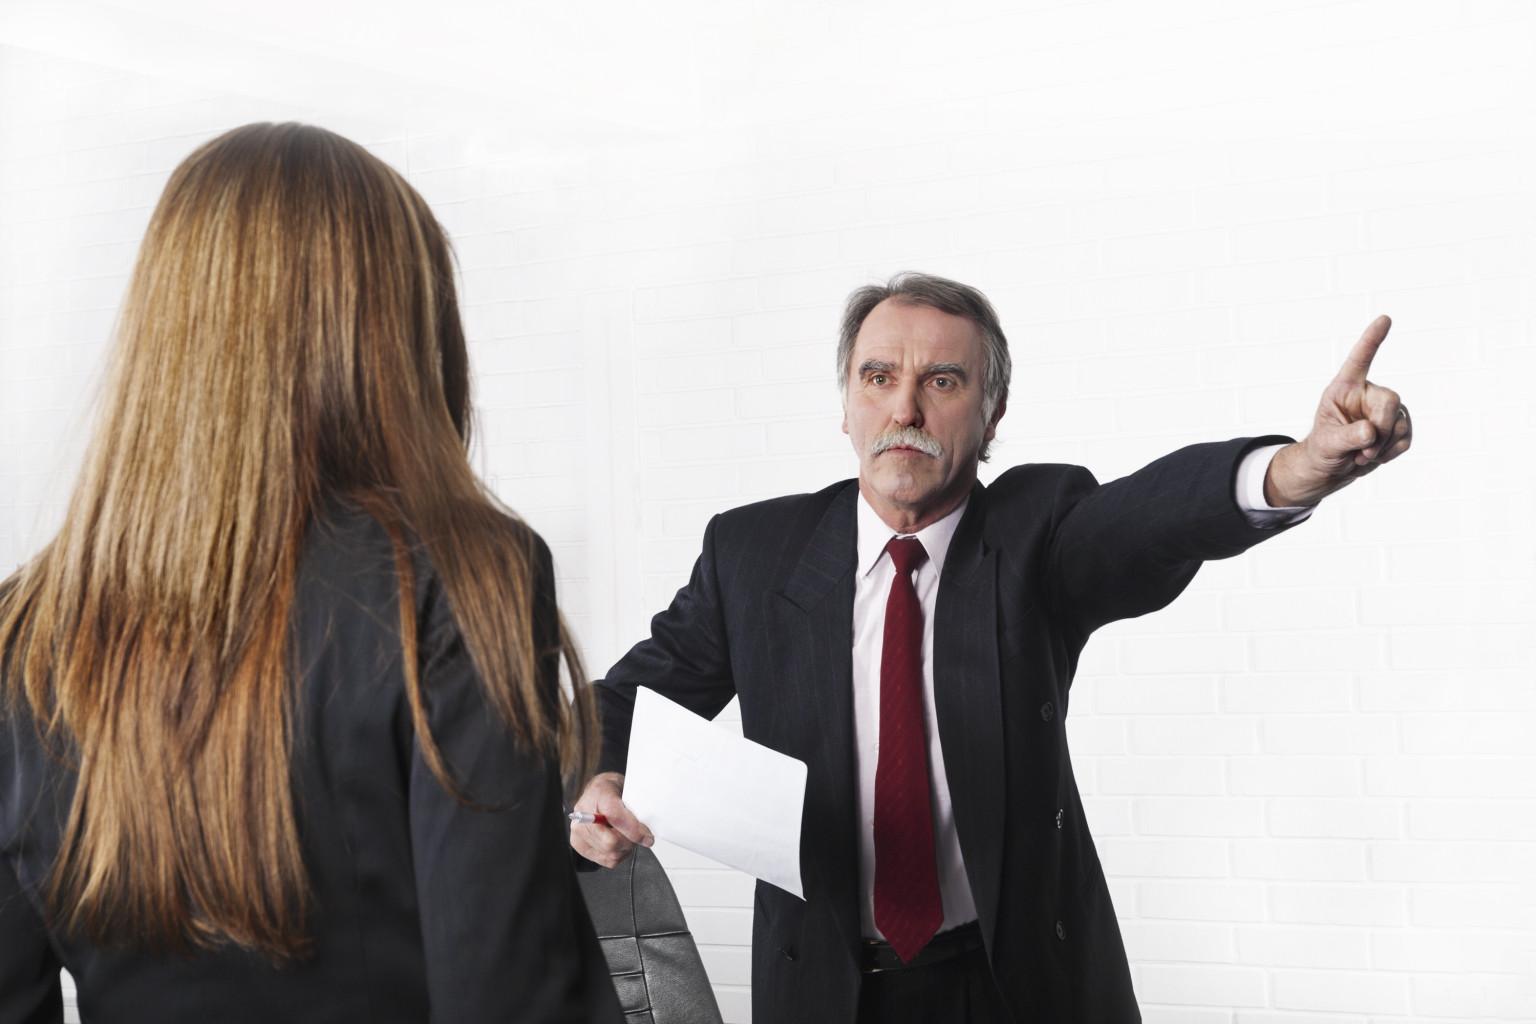 Увольнение за прогул: статья, пошаговая инструкция, приказ, запись в трудовой, выплаты при увольнении